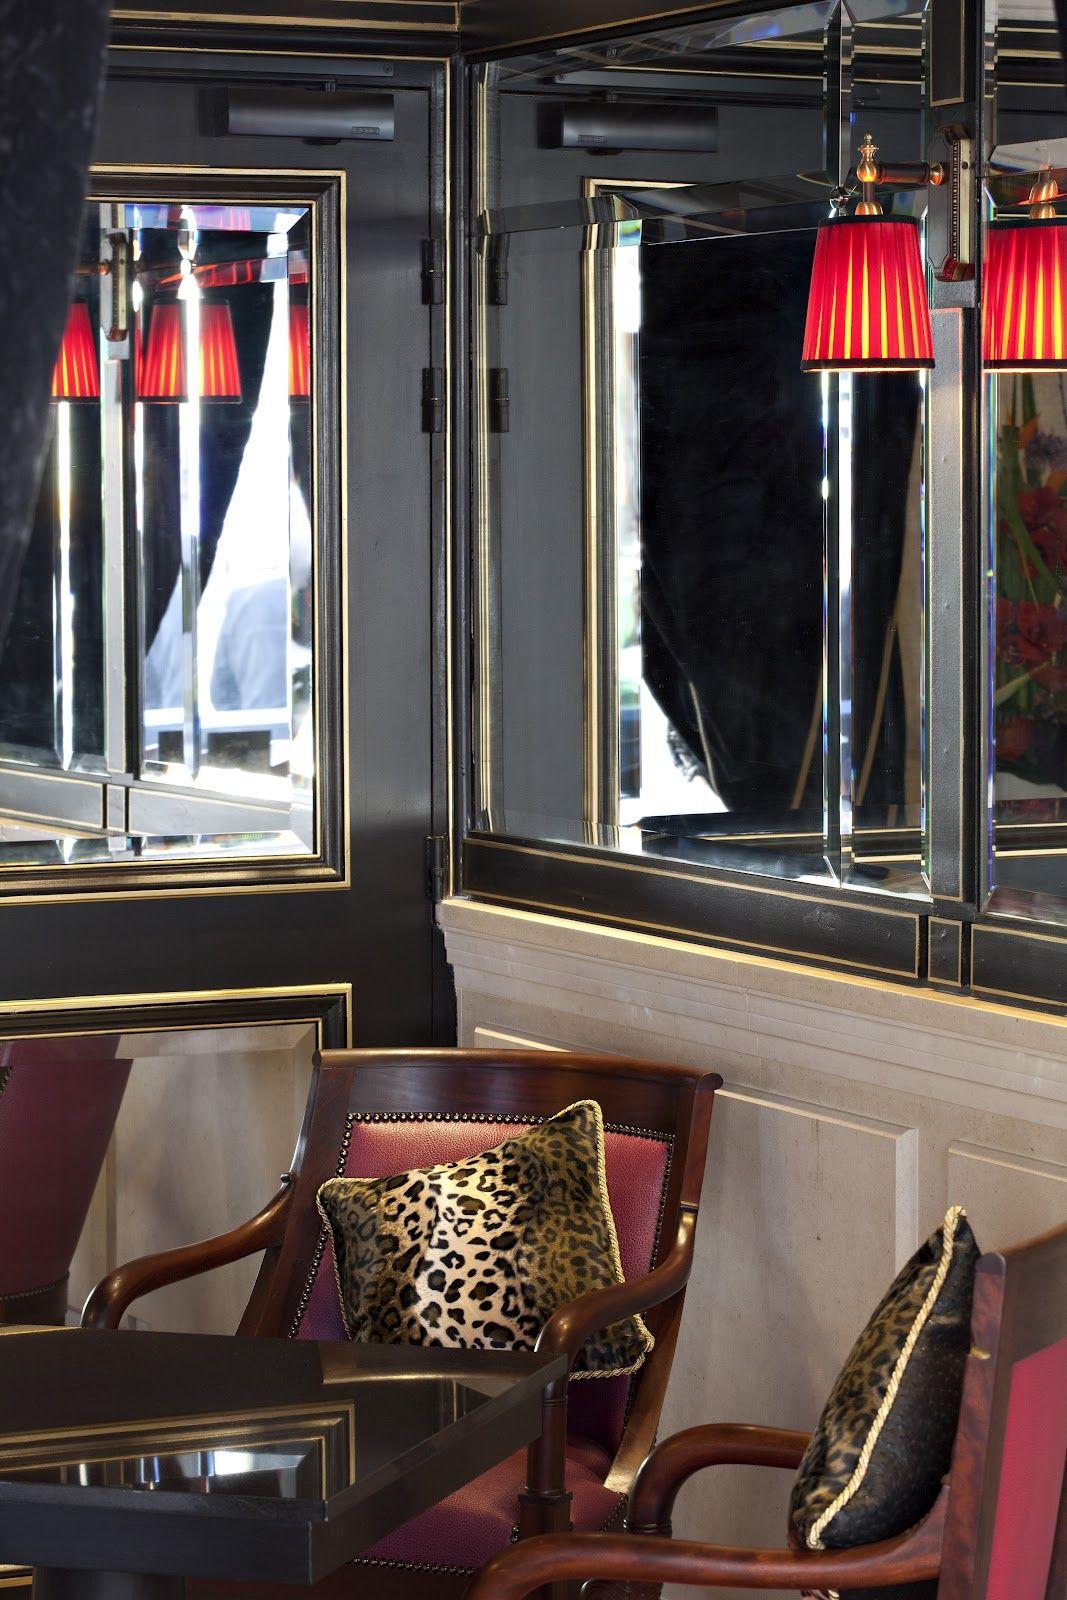 Hotel Review : The Hotel Champs-Elysées Mac Mahon In Paris